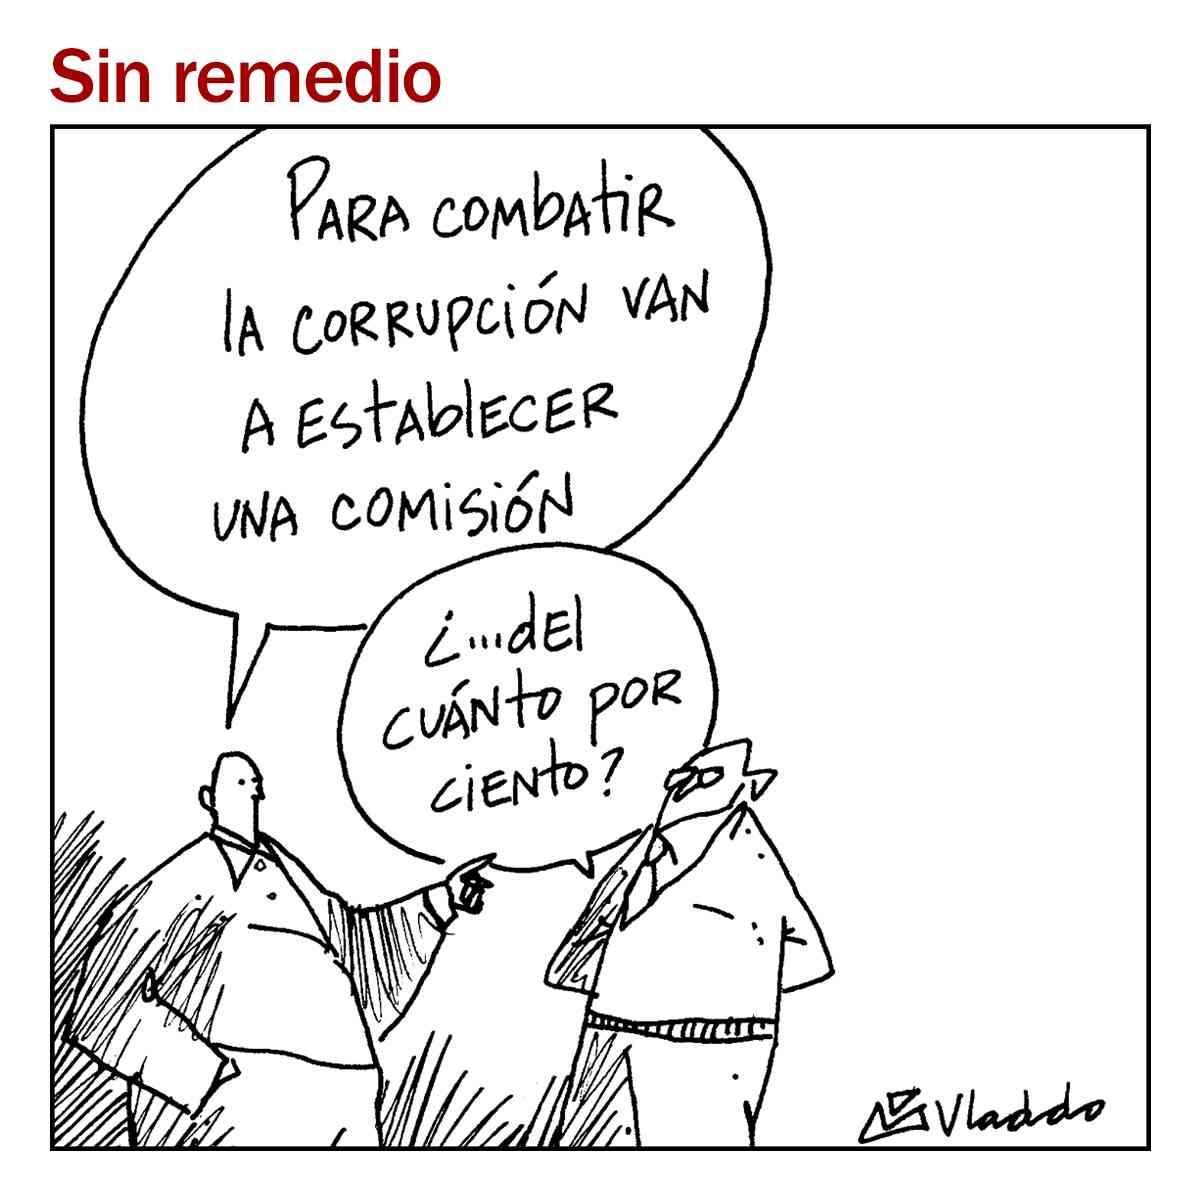 520191 1 - Percepción de corrupción en Colombia es la tercera más alta en toda la región